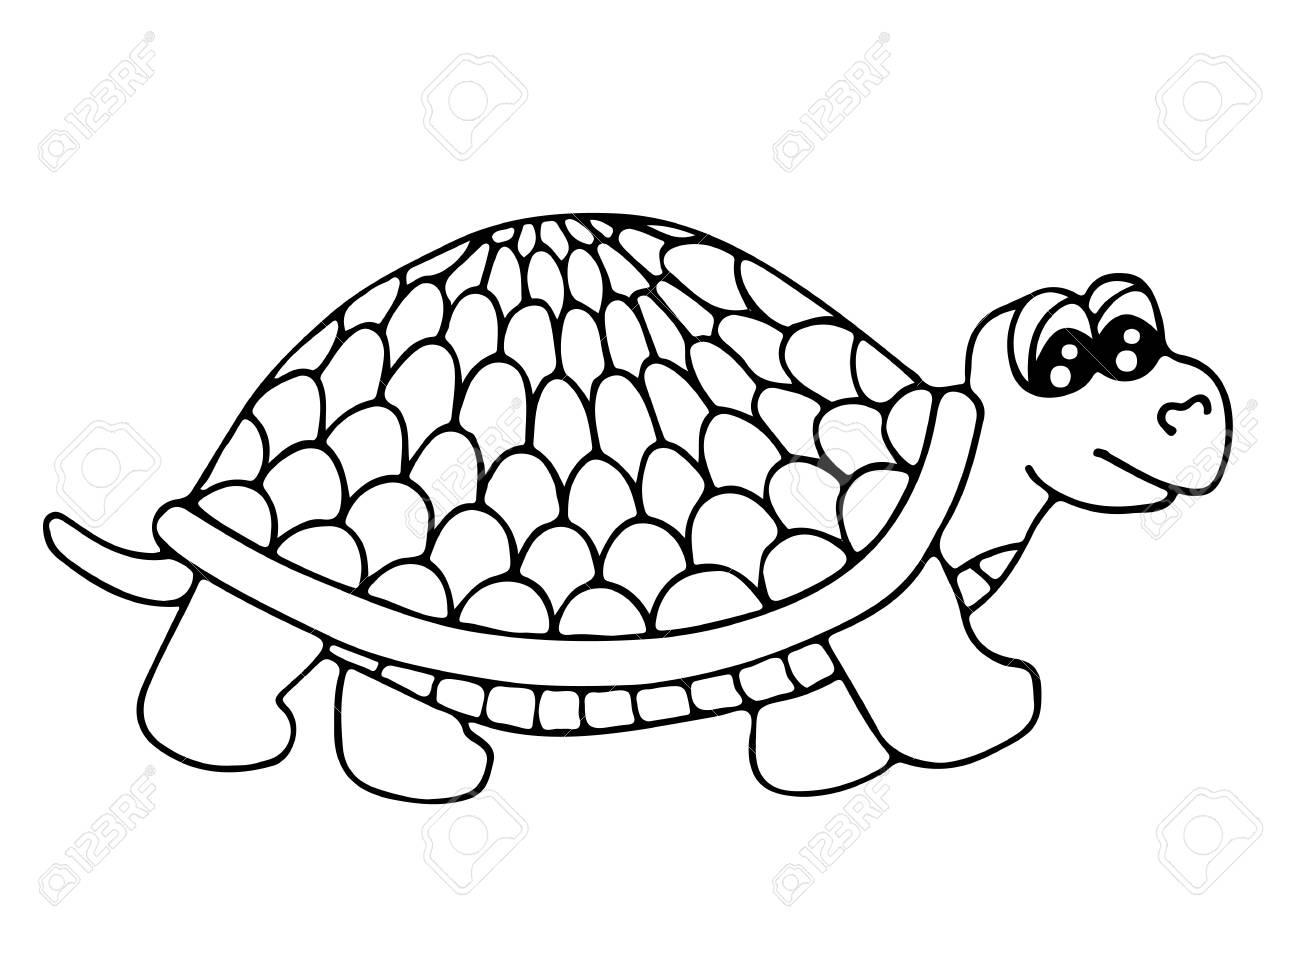 Nette Schildkröte Auf Dem Weißen Hintergrund Isoliert. Schildkröte ...